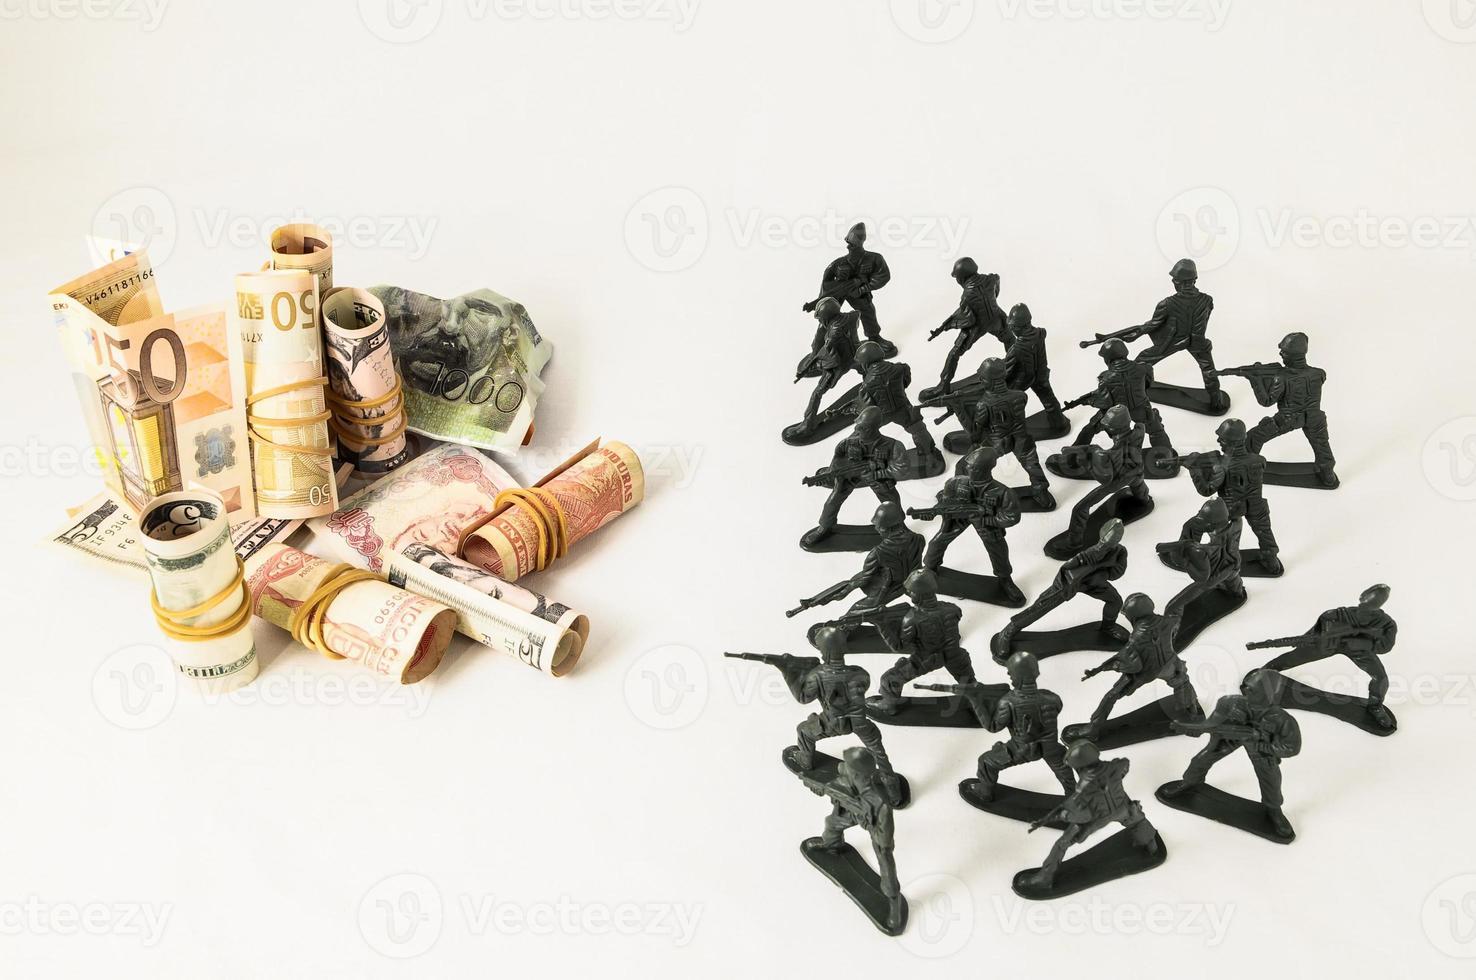 soldados de plomo de plástico foto